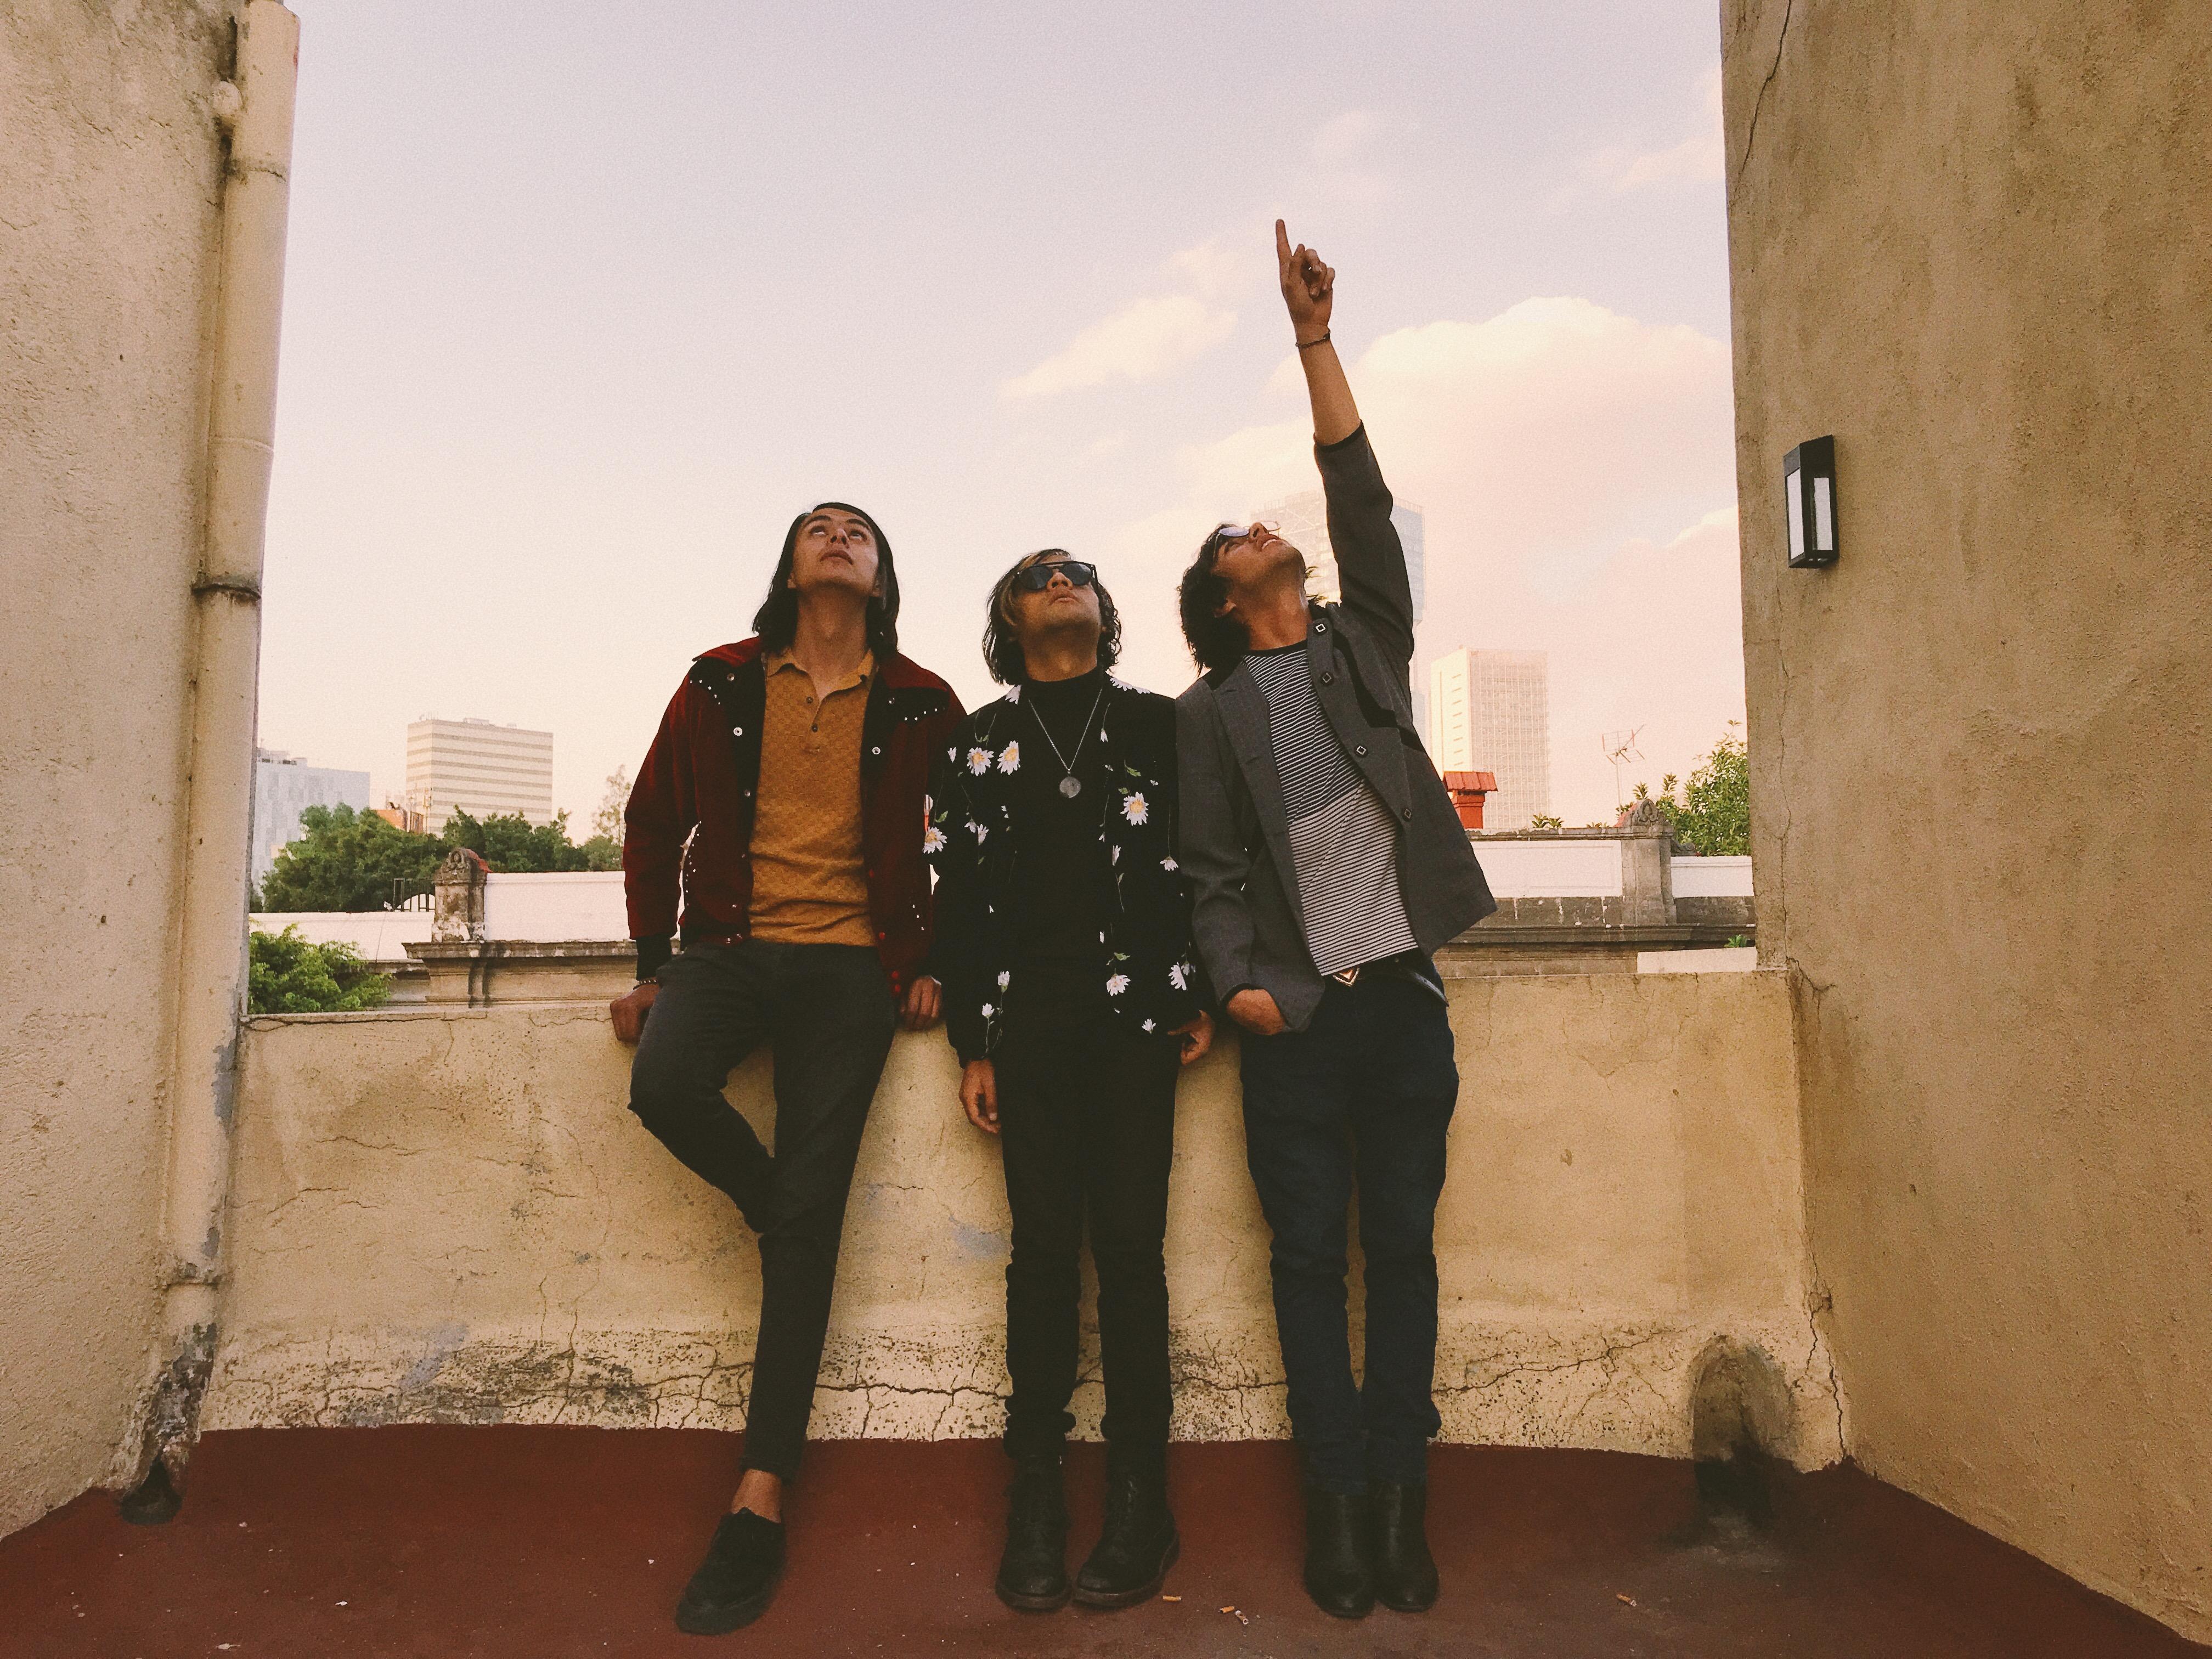 Conoce a Espectrum, banda de rock originaria de Toluca